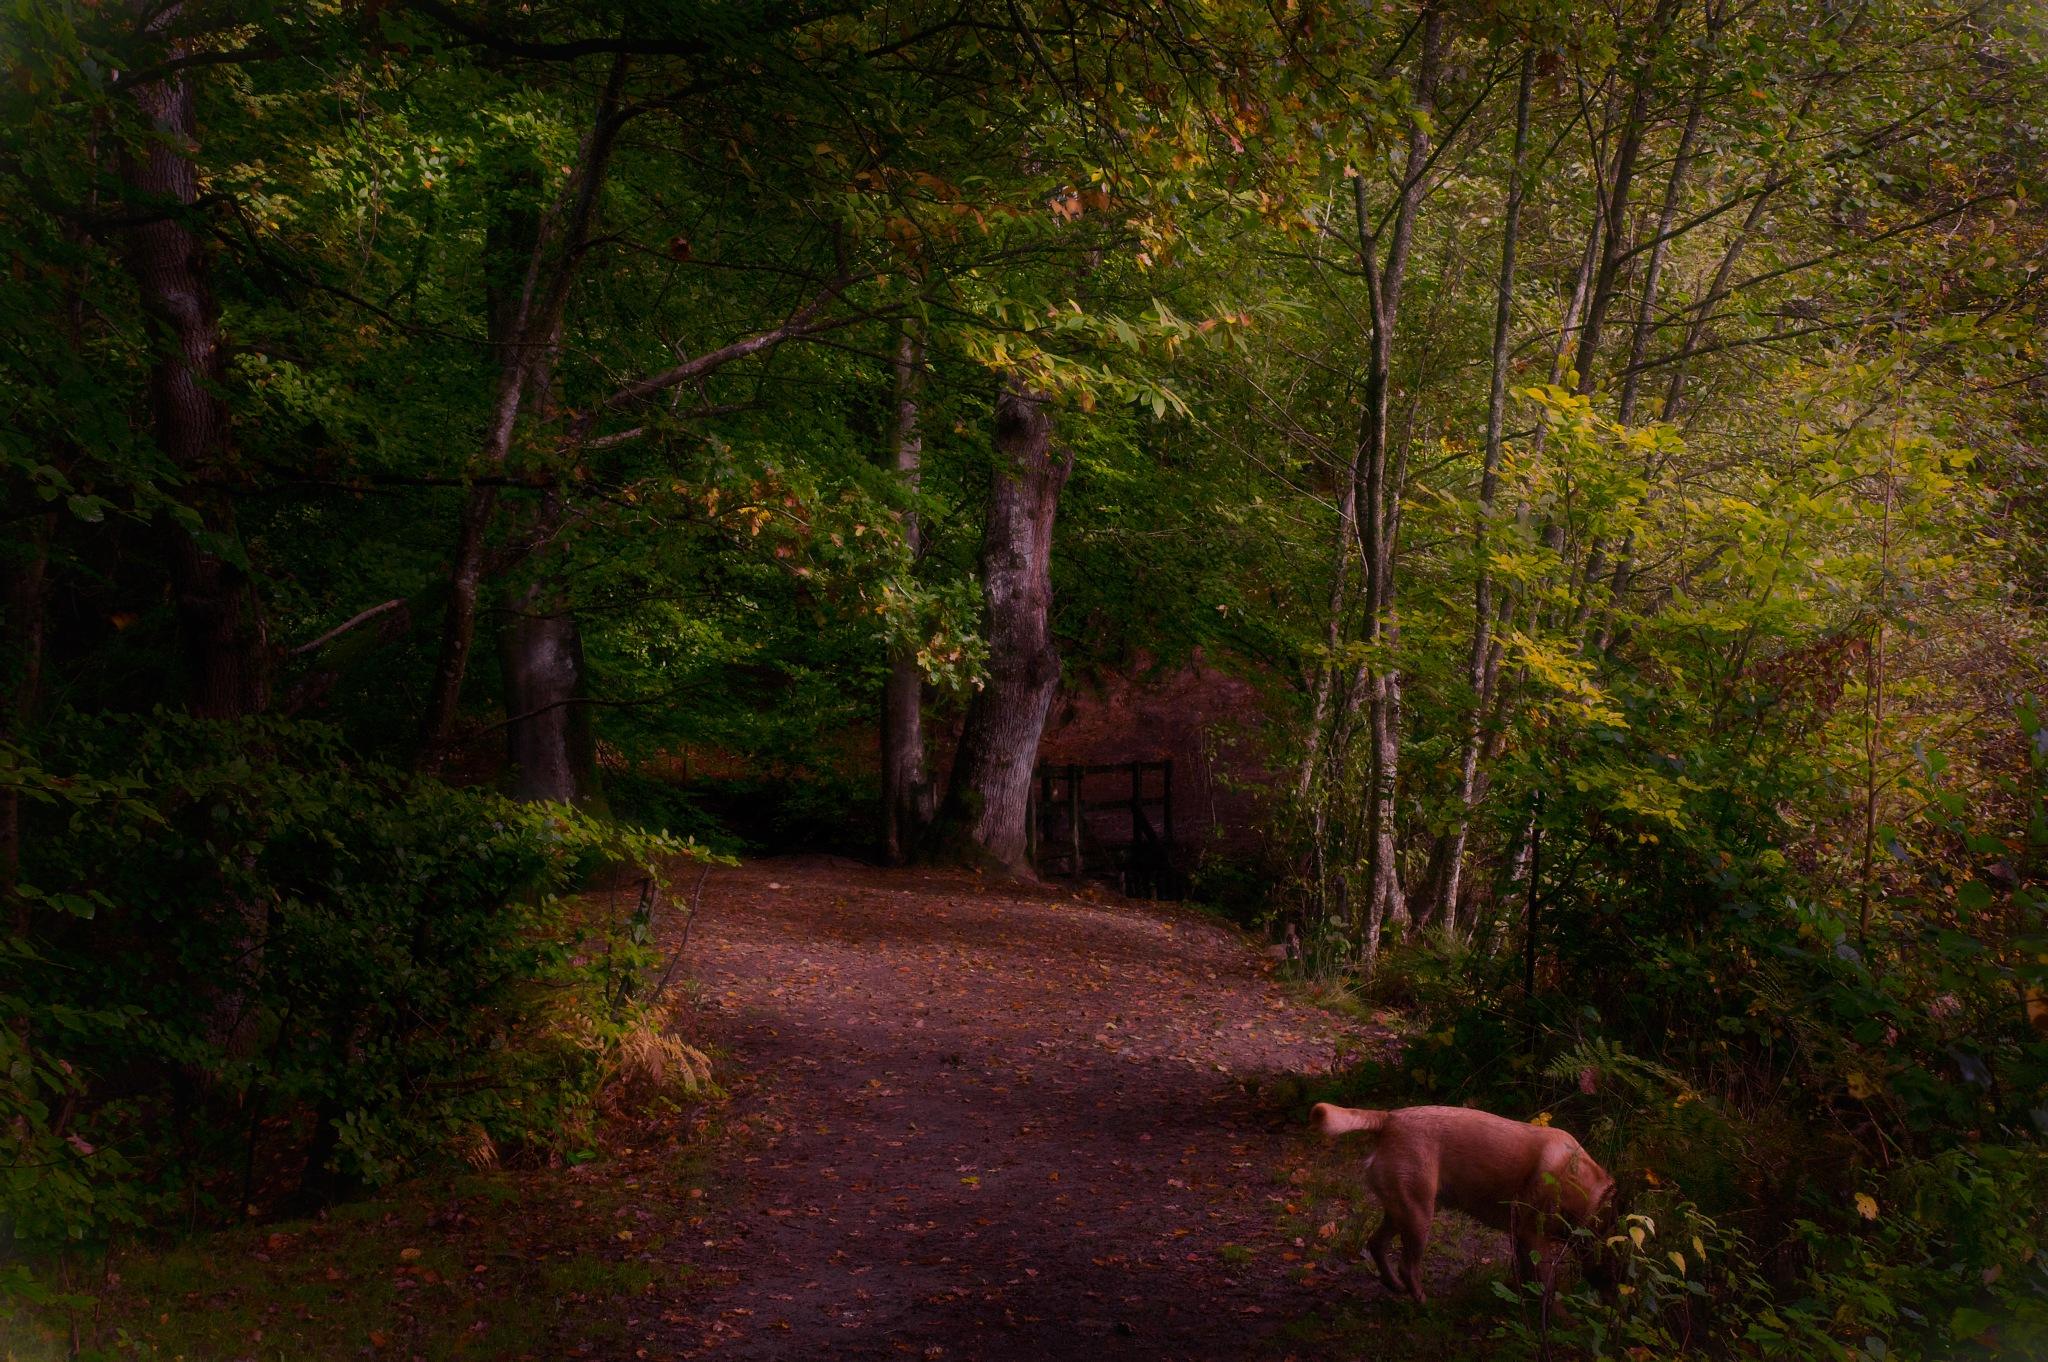 Little Wooden Bridge by Paul Clarke